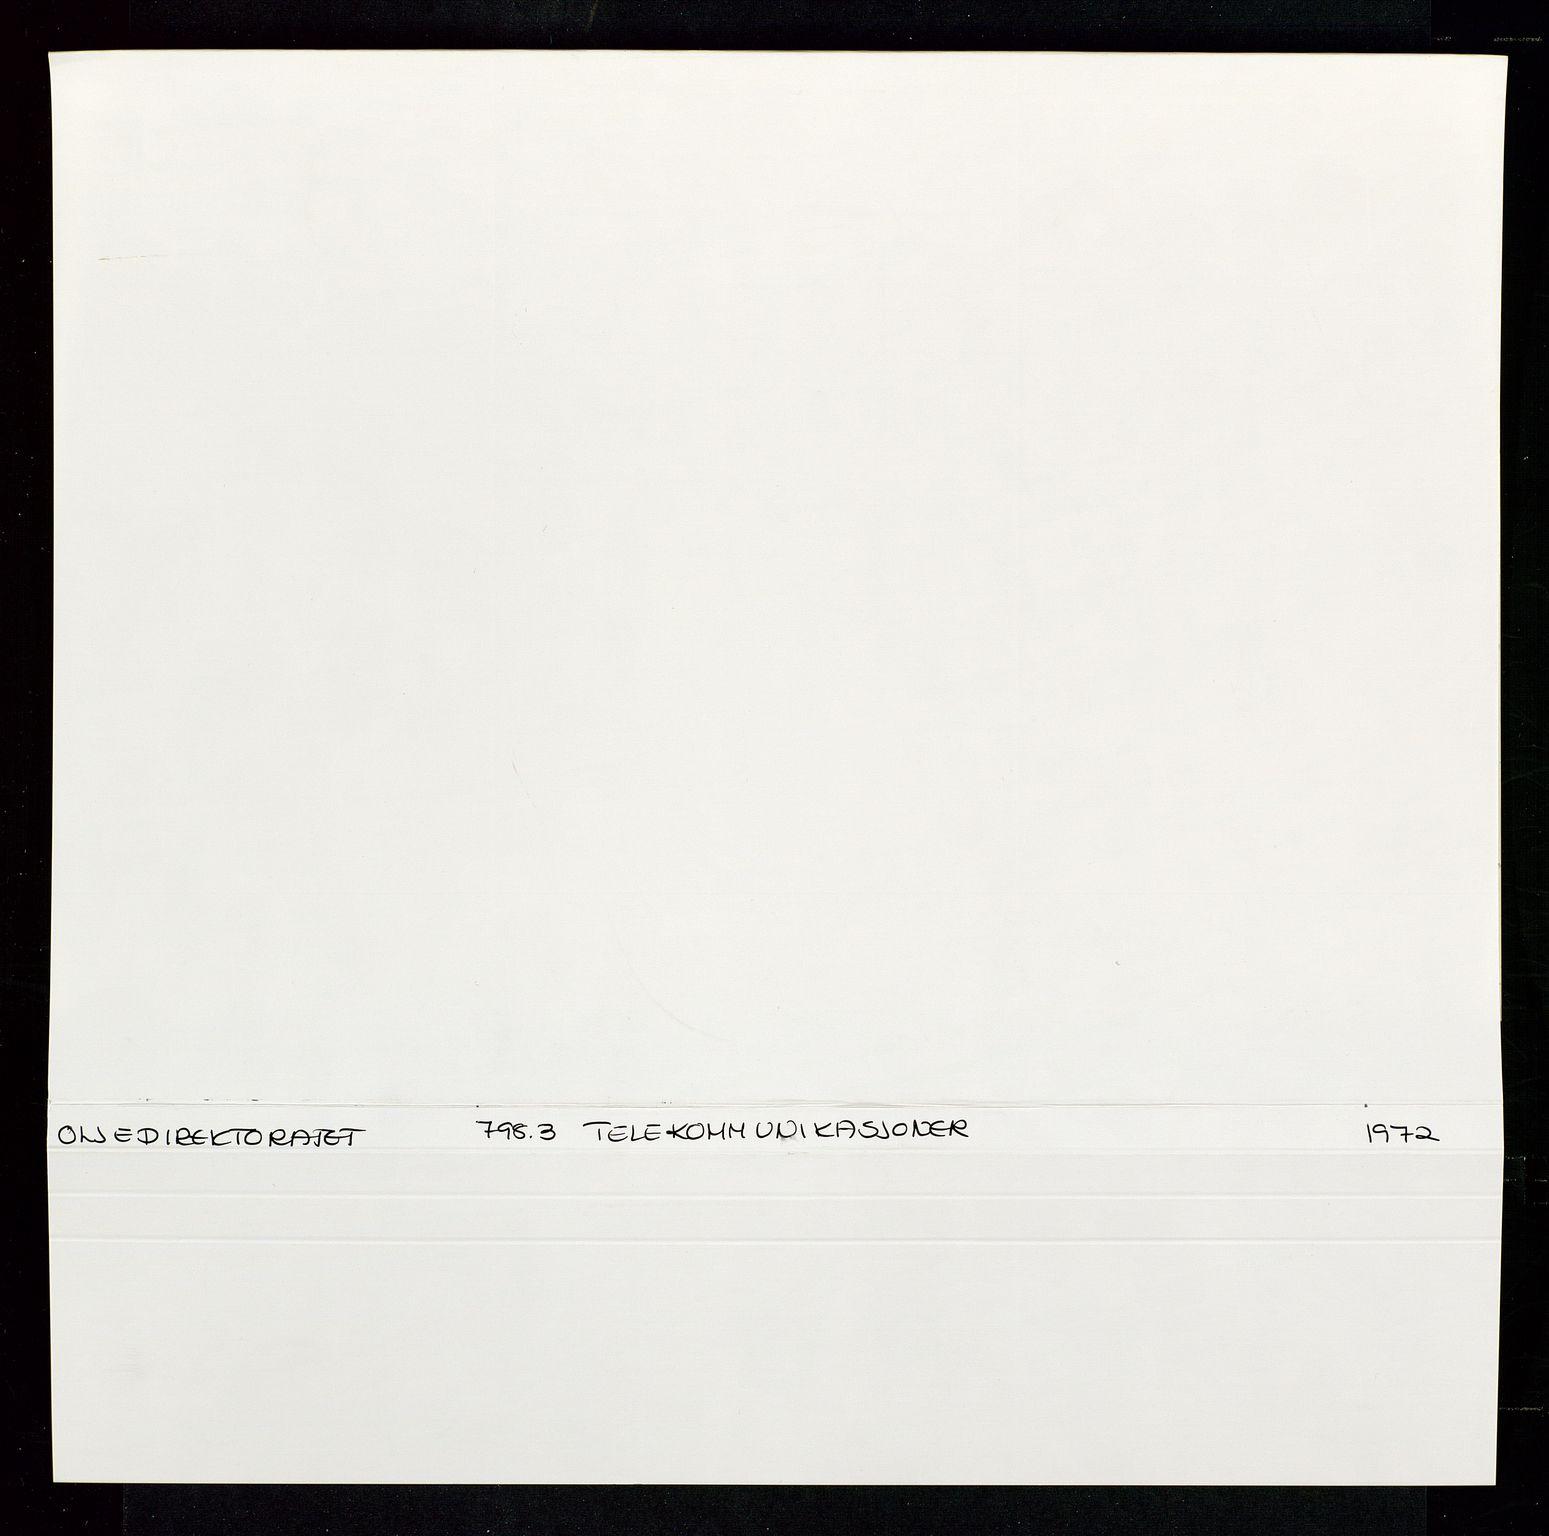 SAST, Industridepartementet, Oljekontoret, Da/L0012: Arkivnøkkel 798 Helikopter, luftfart, telekommunikasjon og skademeldinger/ulykker, 1966-1972, s. 314